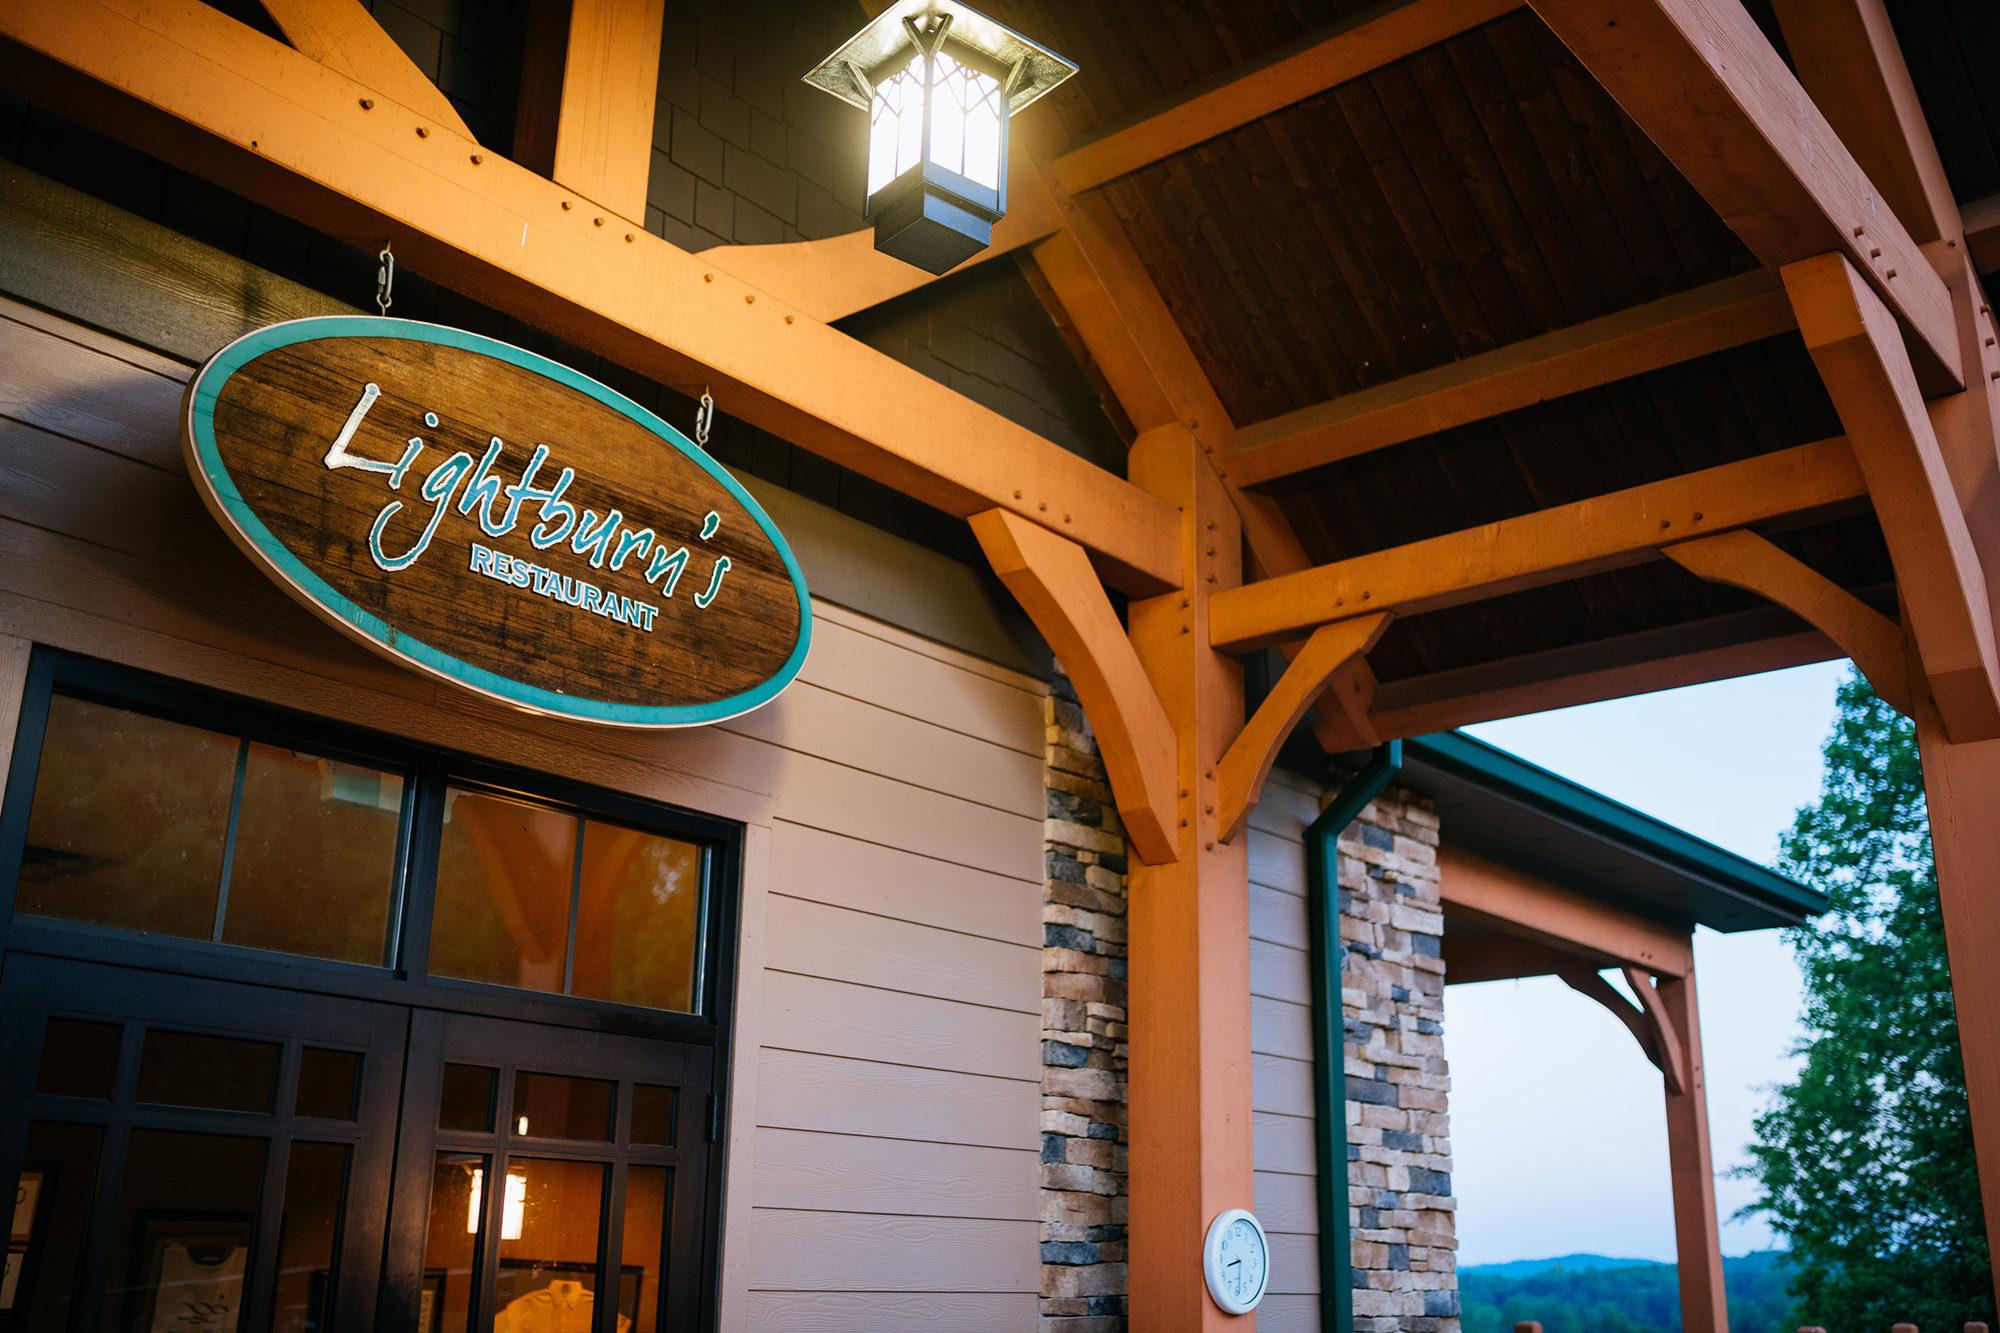 lightburns restaurant sign